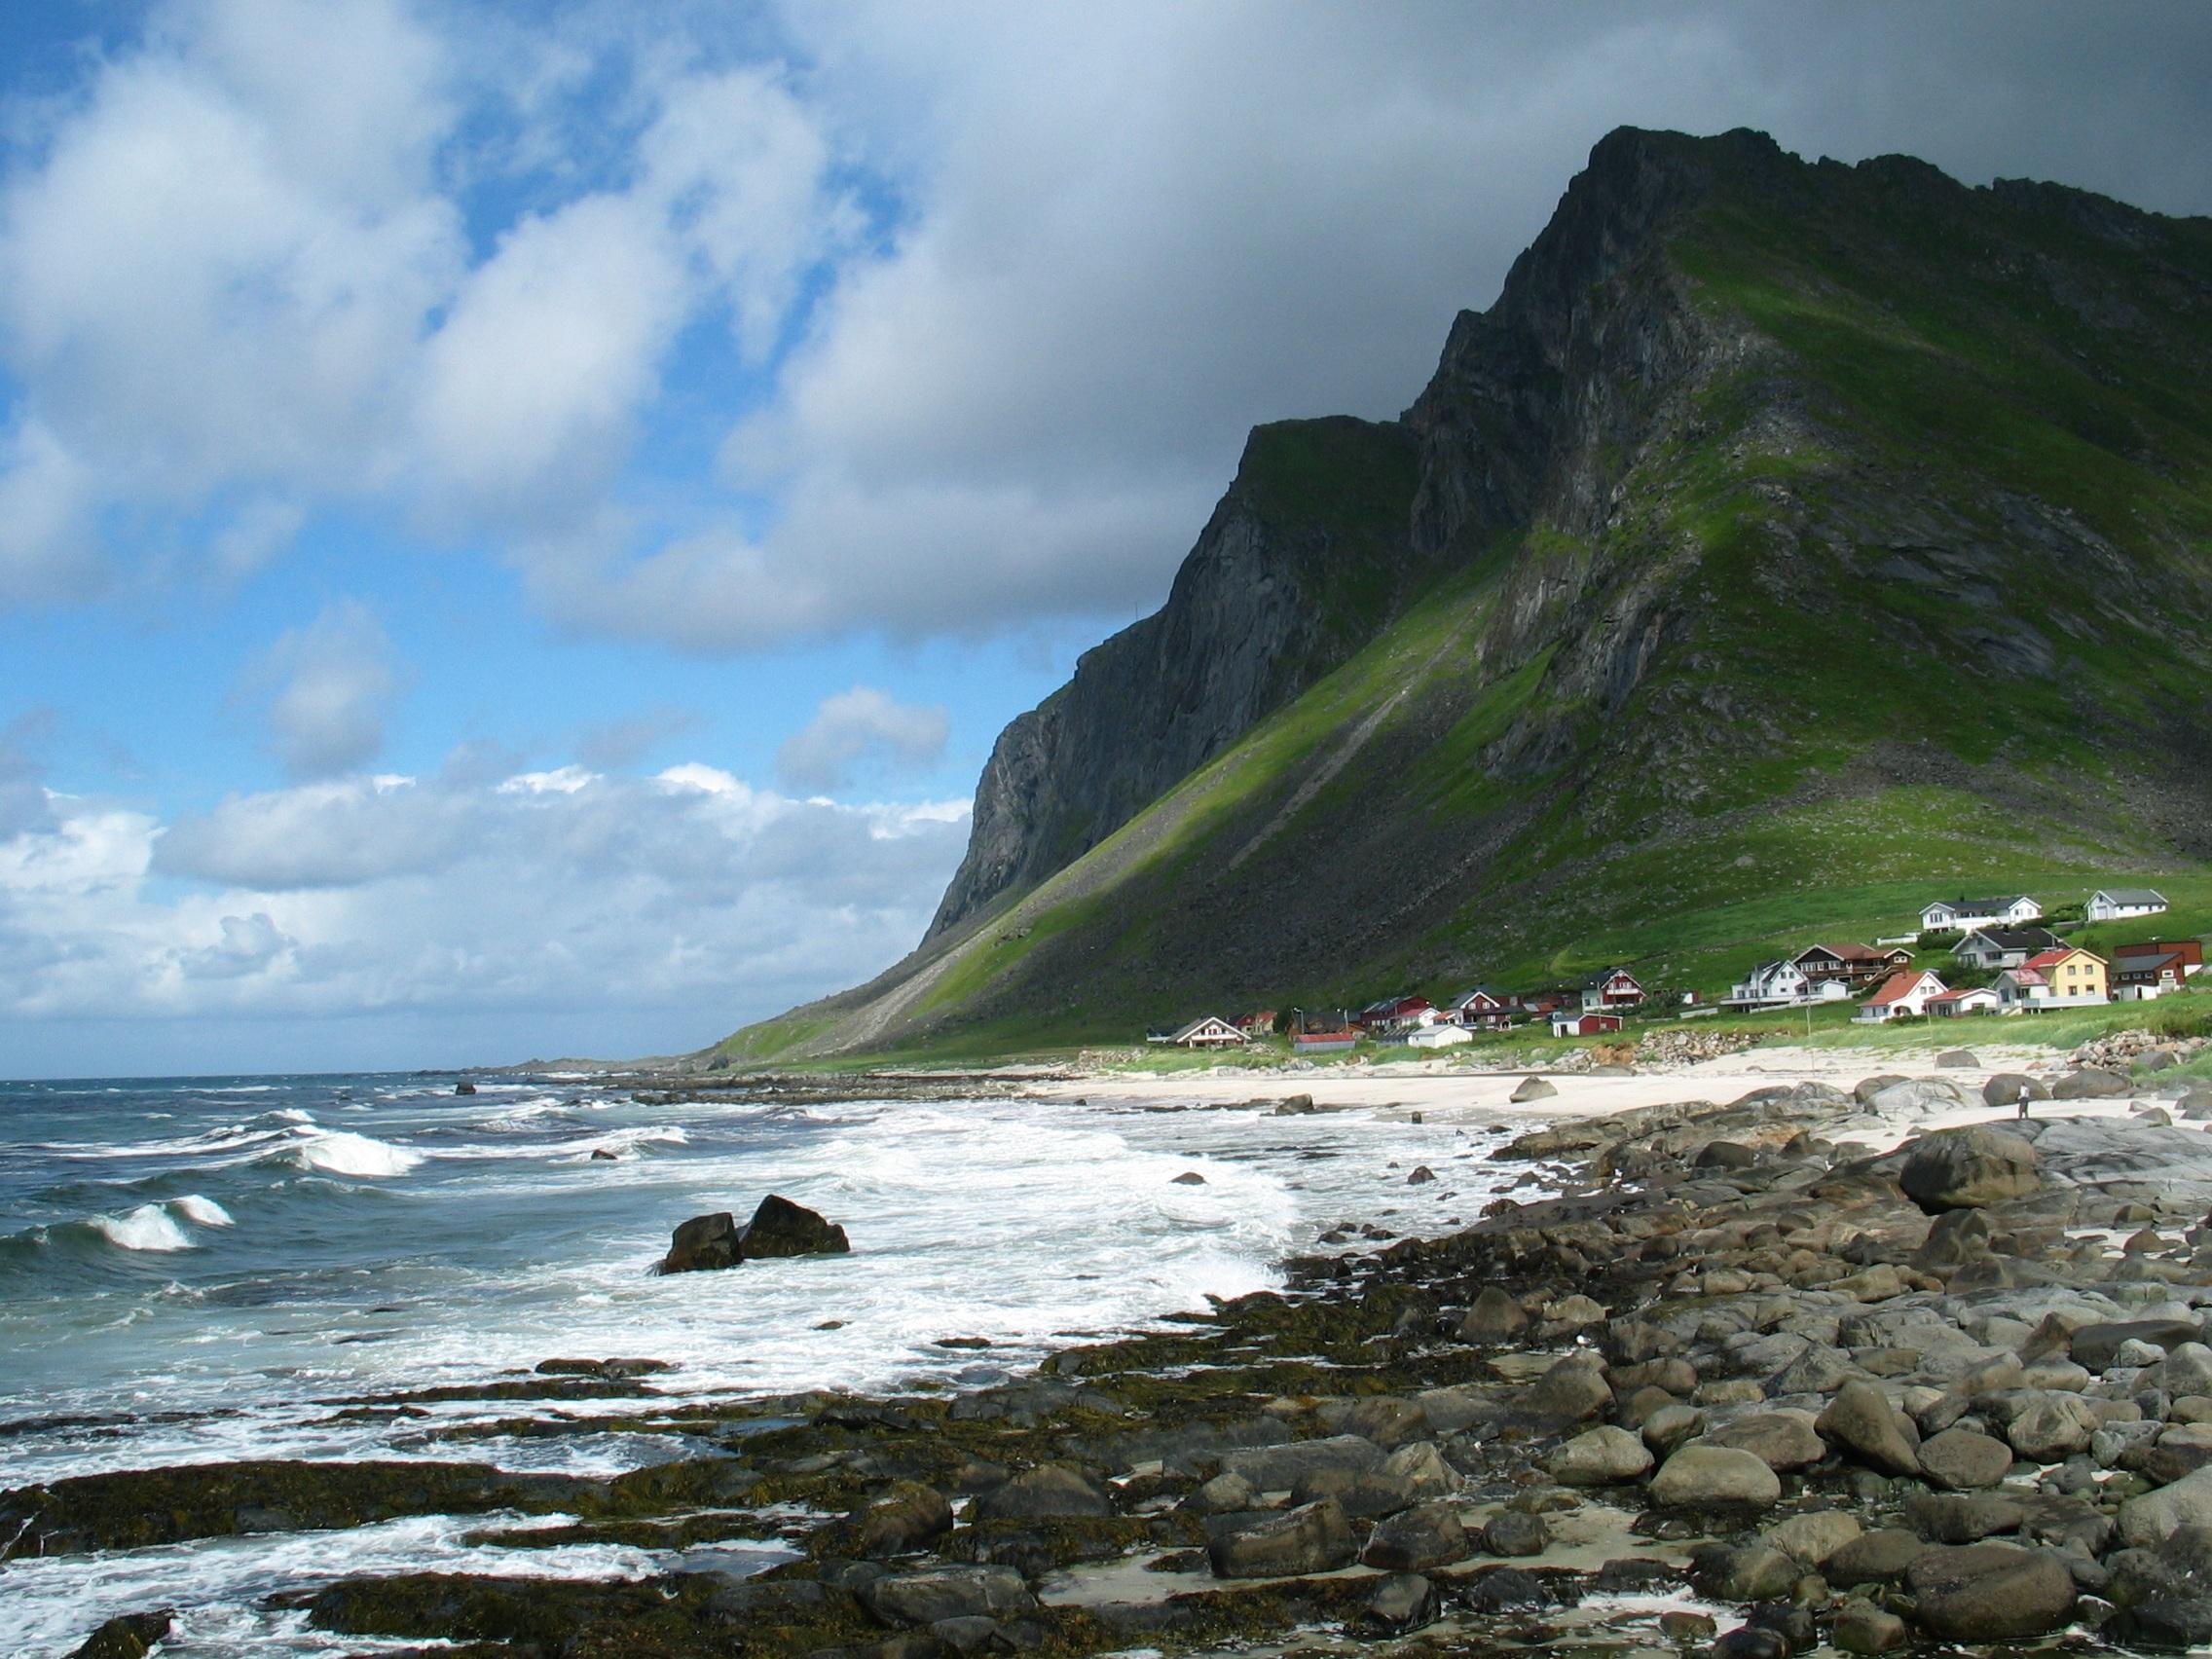 скандинавия север фотосессия максимально подвержены